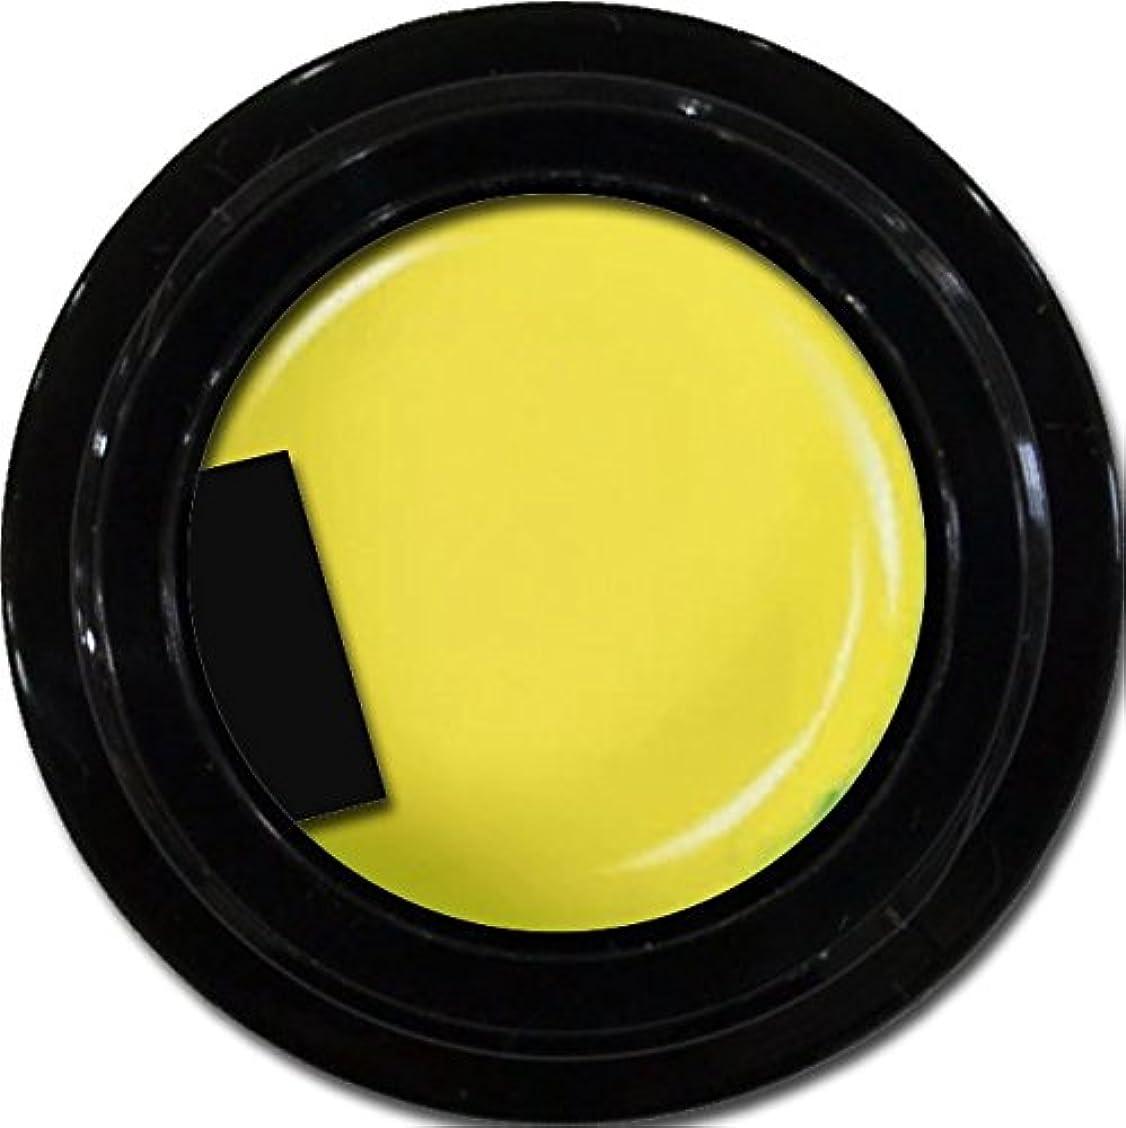 現代ましい論理的にカラージェル enchant color gel M602 MoroccoYellow 3g/ マットカラージェル M602 モロッコイエロー 3グラム